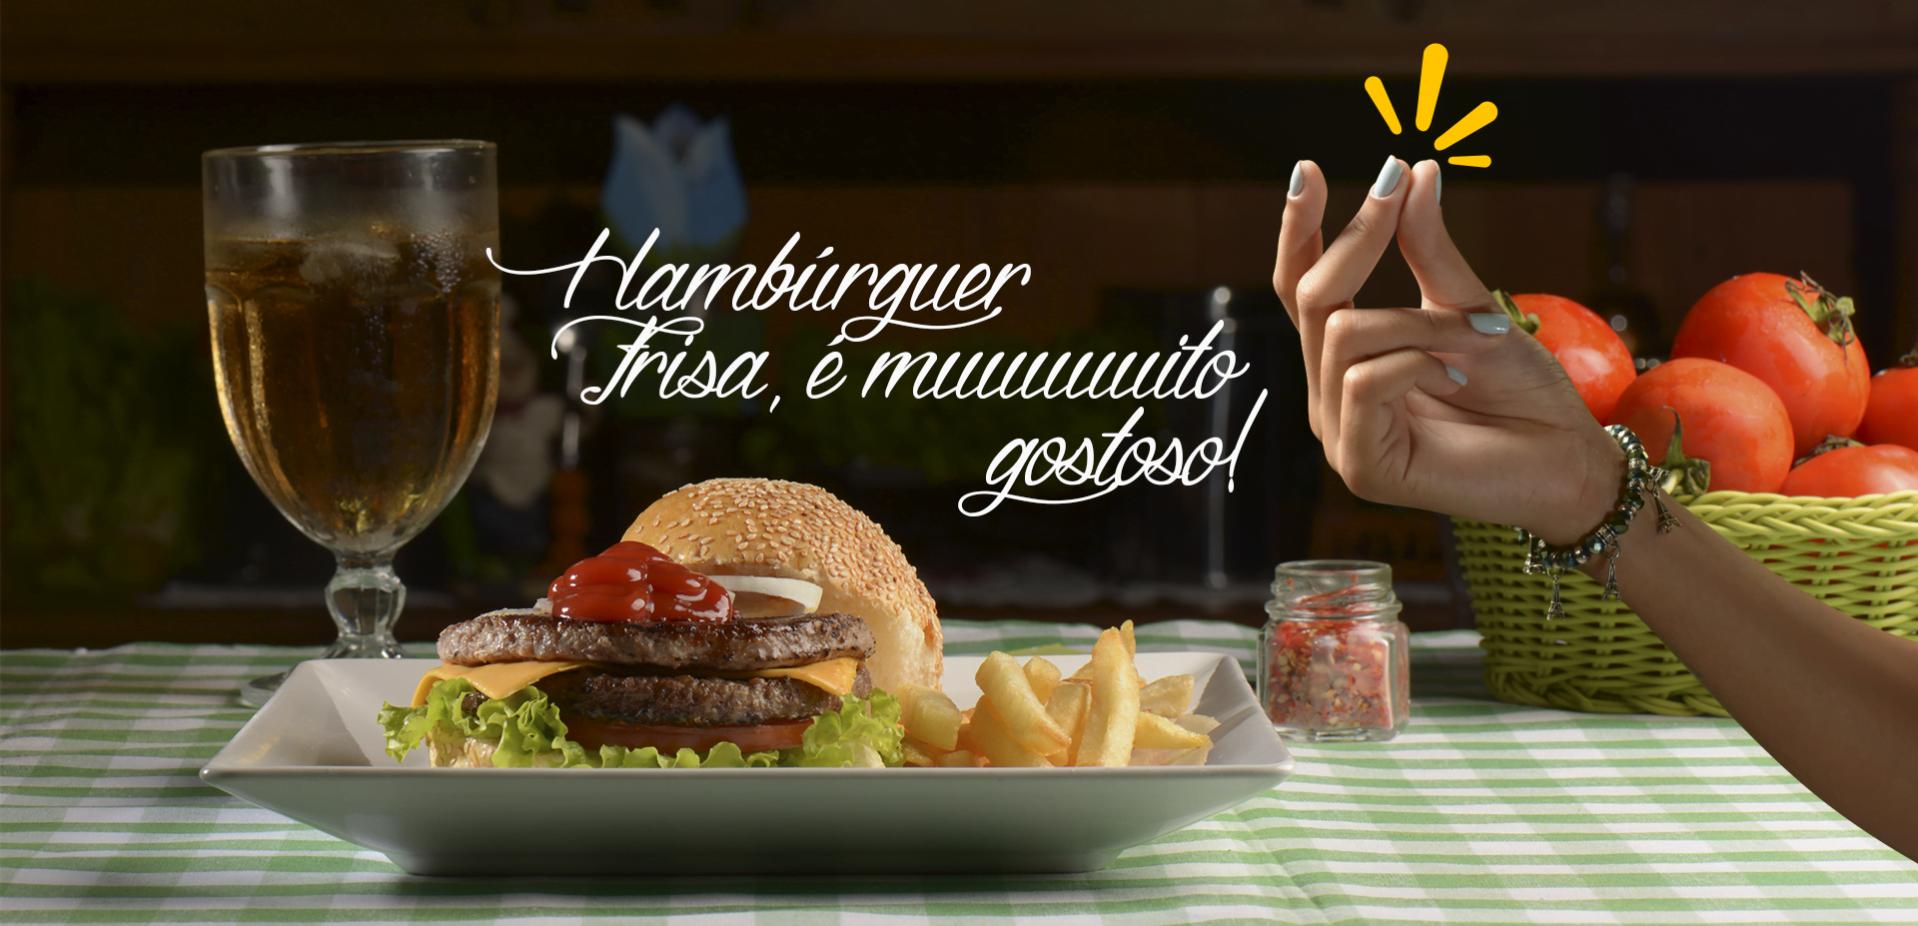 Full Banner_hambúguer_frisa